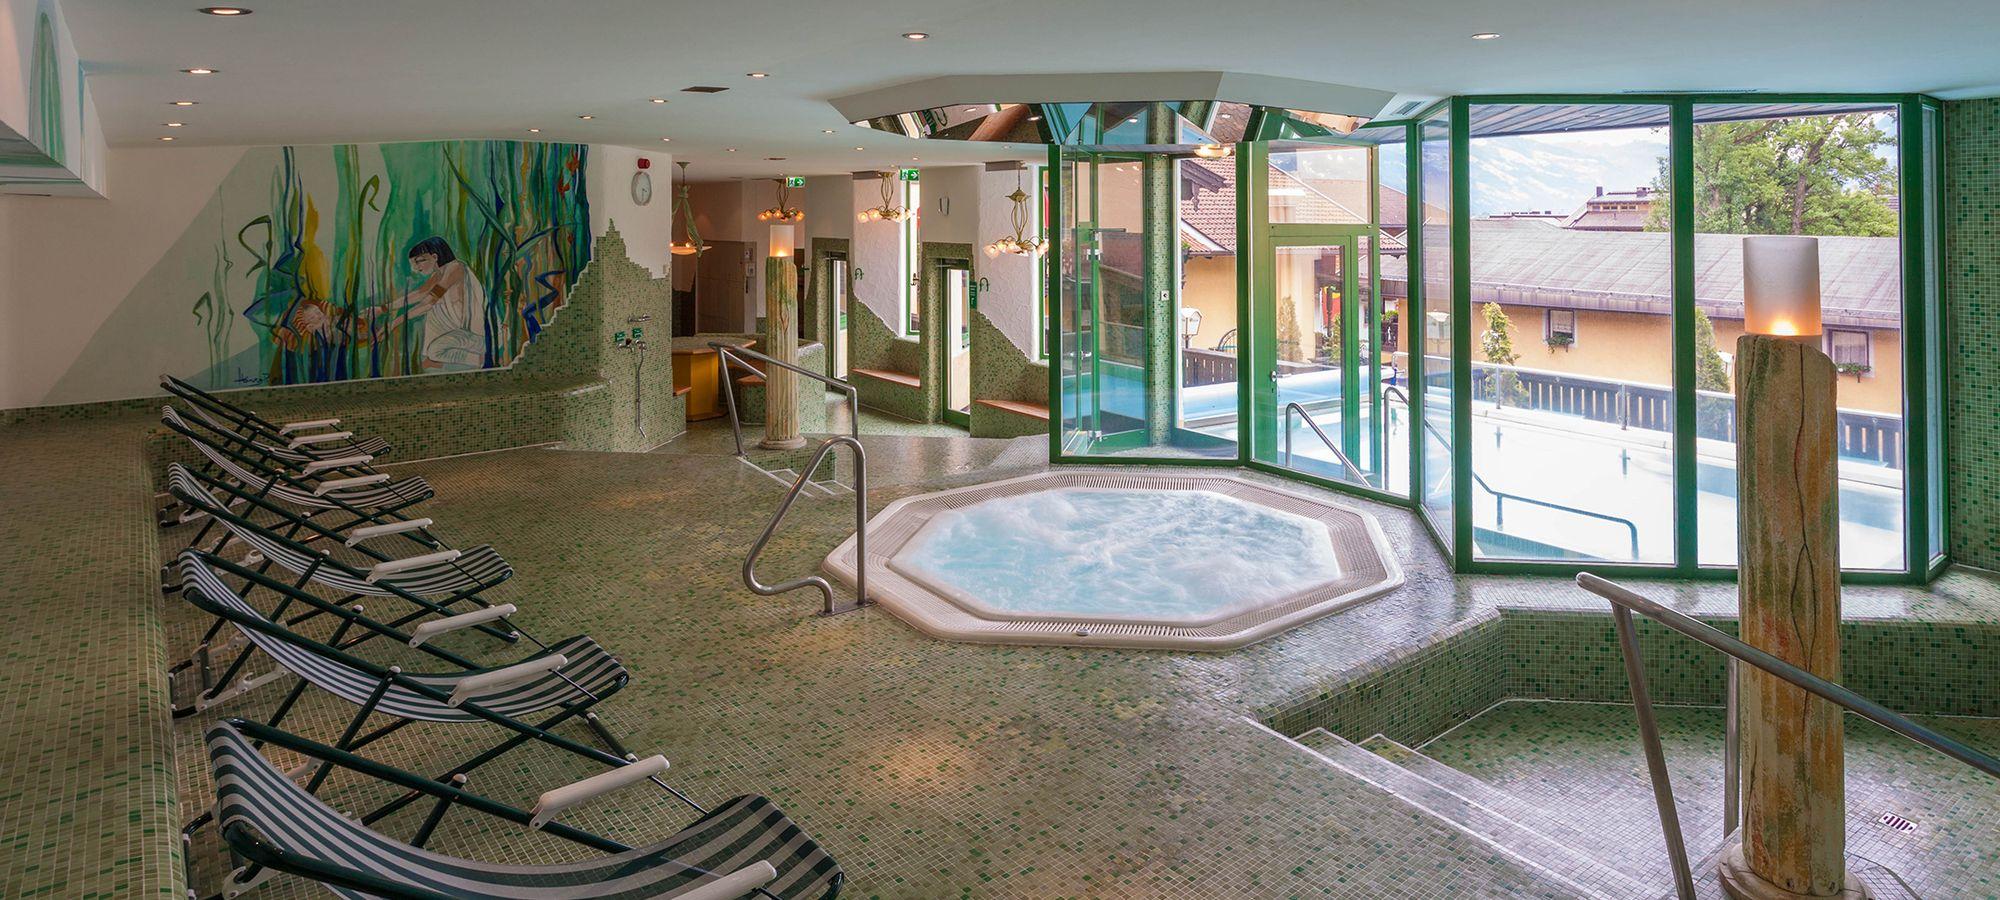 Das Relax Badecenter im Hotel Pachmair lädt zum Entspannen ein.